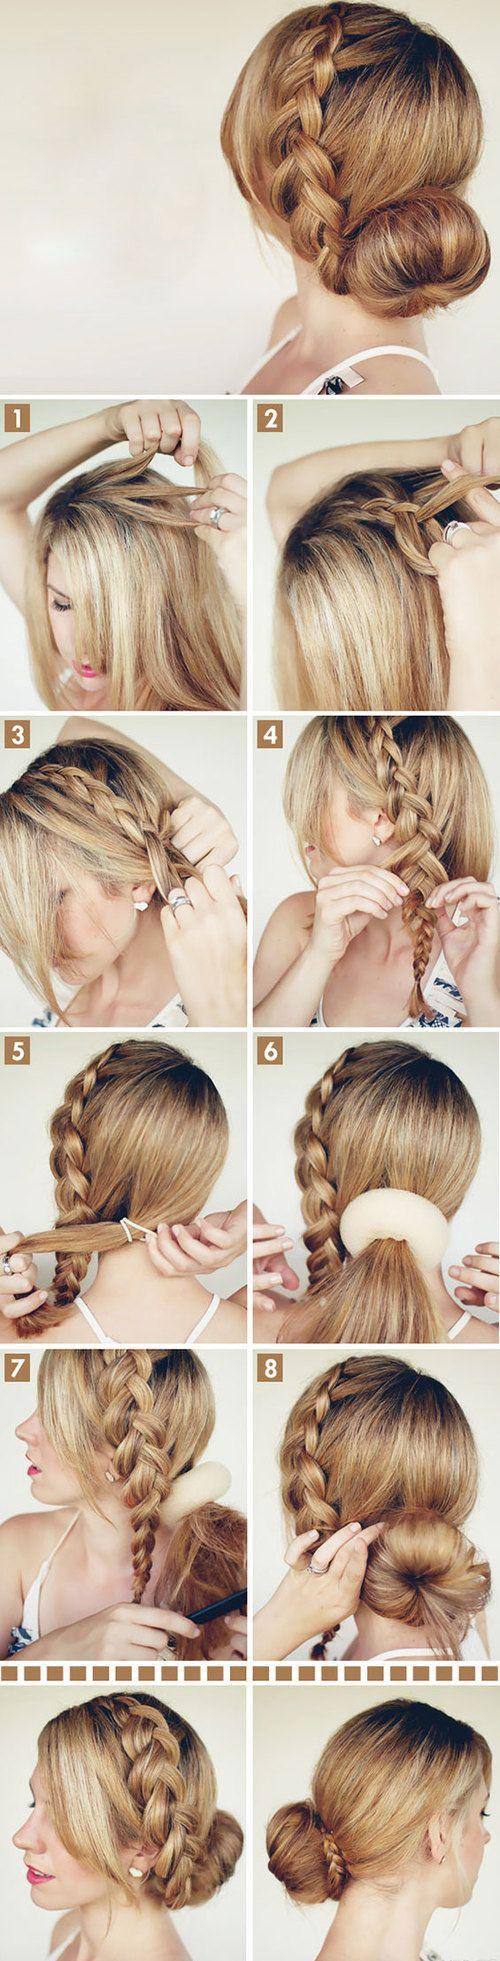 Hair Tutorial: donutknot met een vlecht. Super voor naar het werk of een feestje!